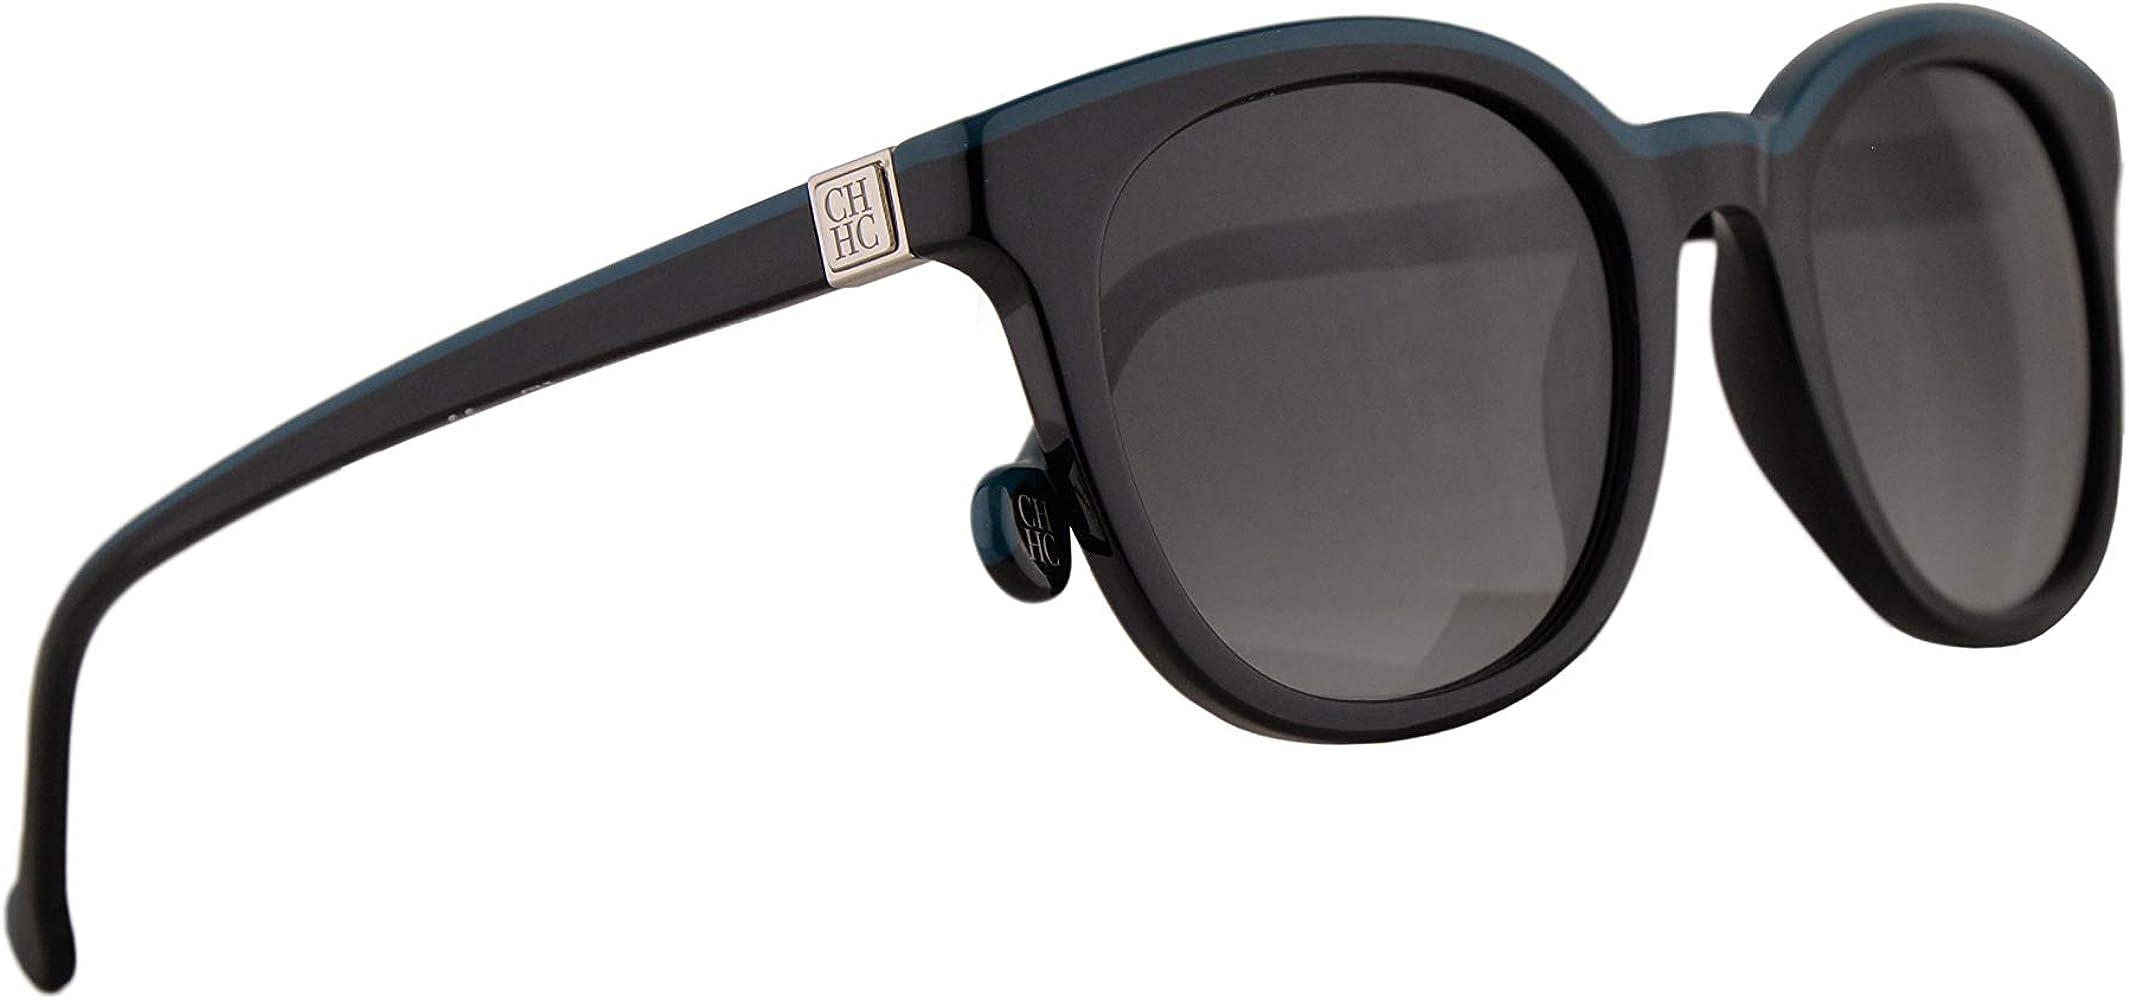 Carolina Herrera SHE654 Gafas De Sol Negro Y Azul Con Lentes Gris 49mm 700K SHE 654: Amazon.es: Ropa y accesorios